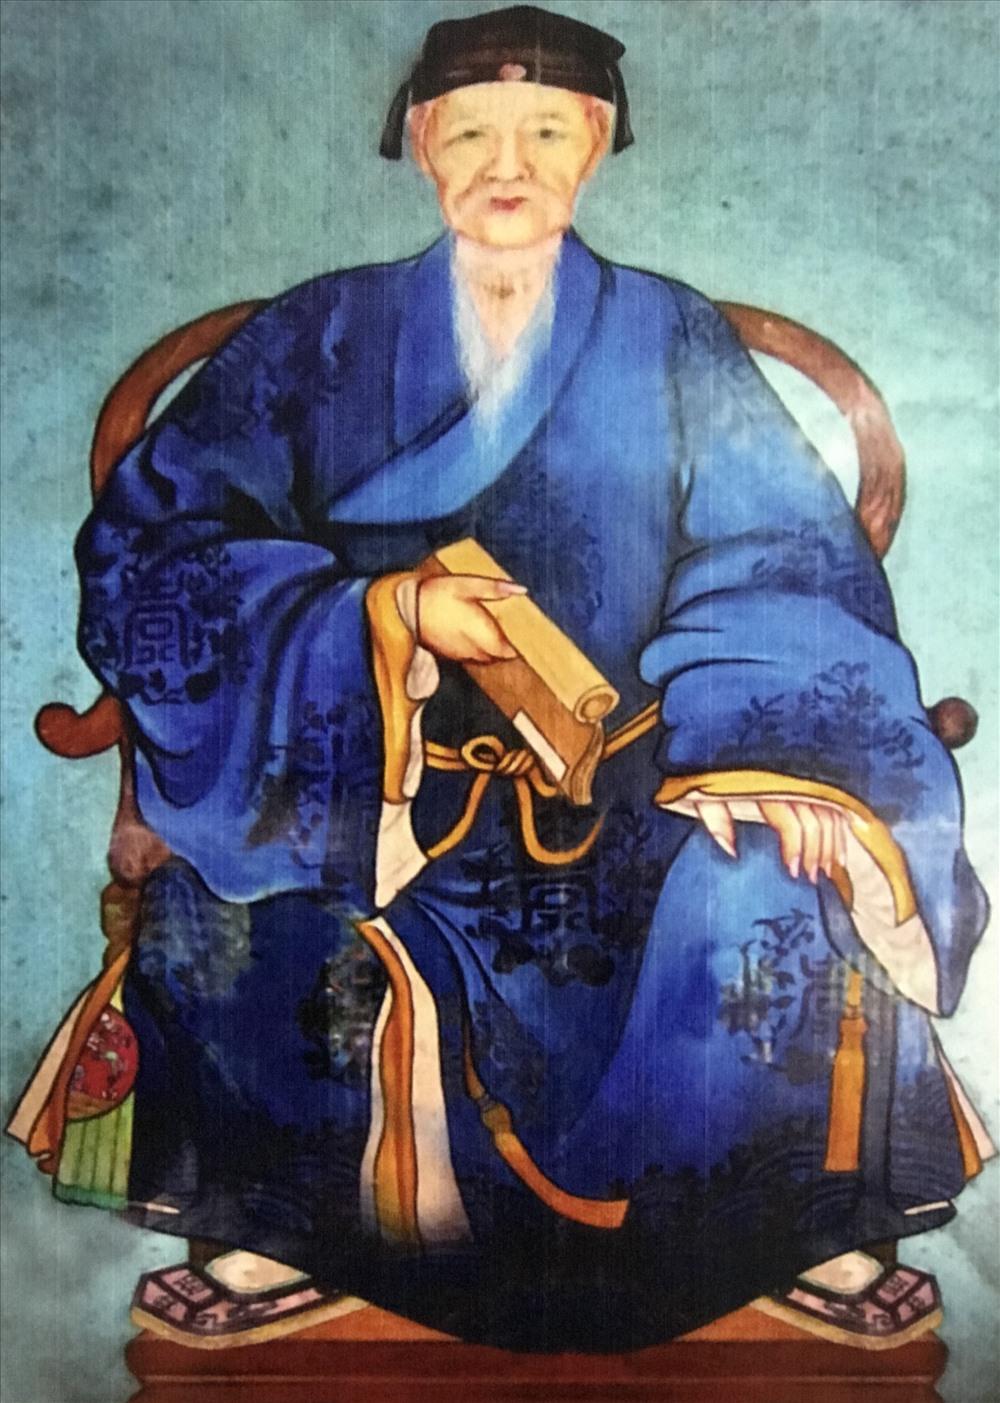 Ngự y Lê Quang Việp – quê làng Xuân Hòa, phường Hương Long, thành phố Huế - một trong những lương y nổi tiếng của Thái y viện.